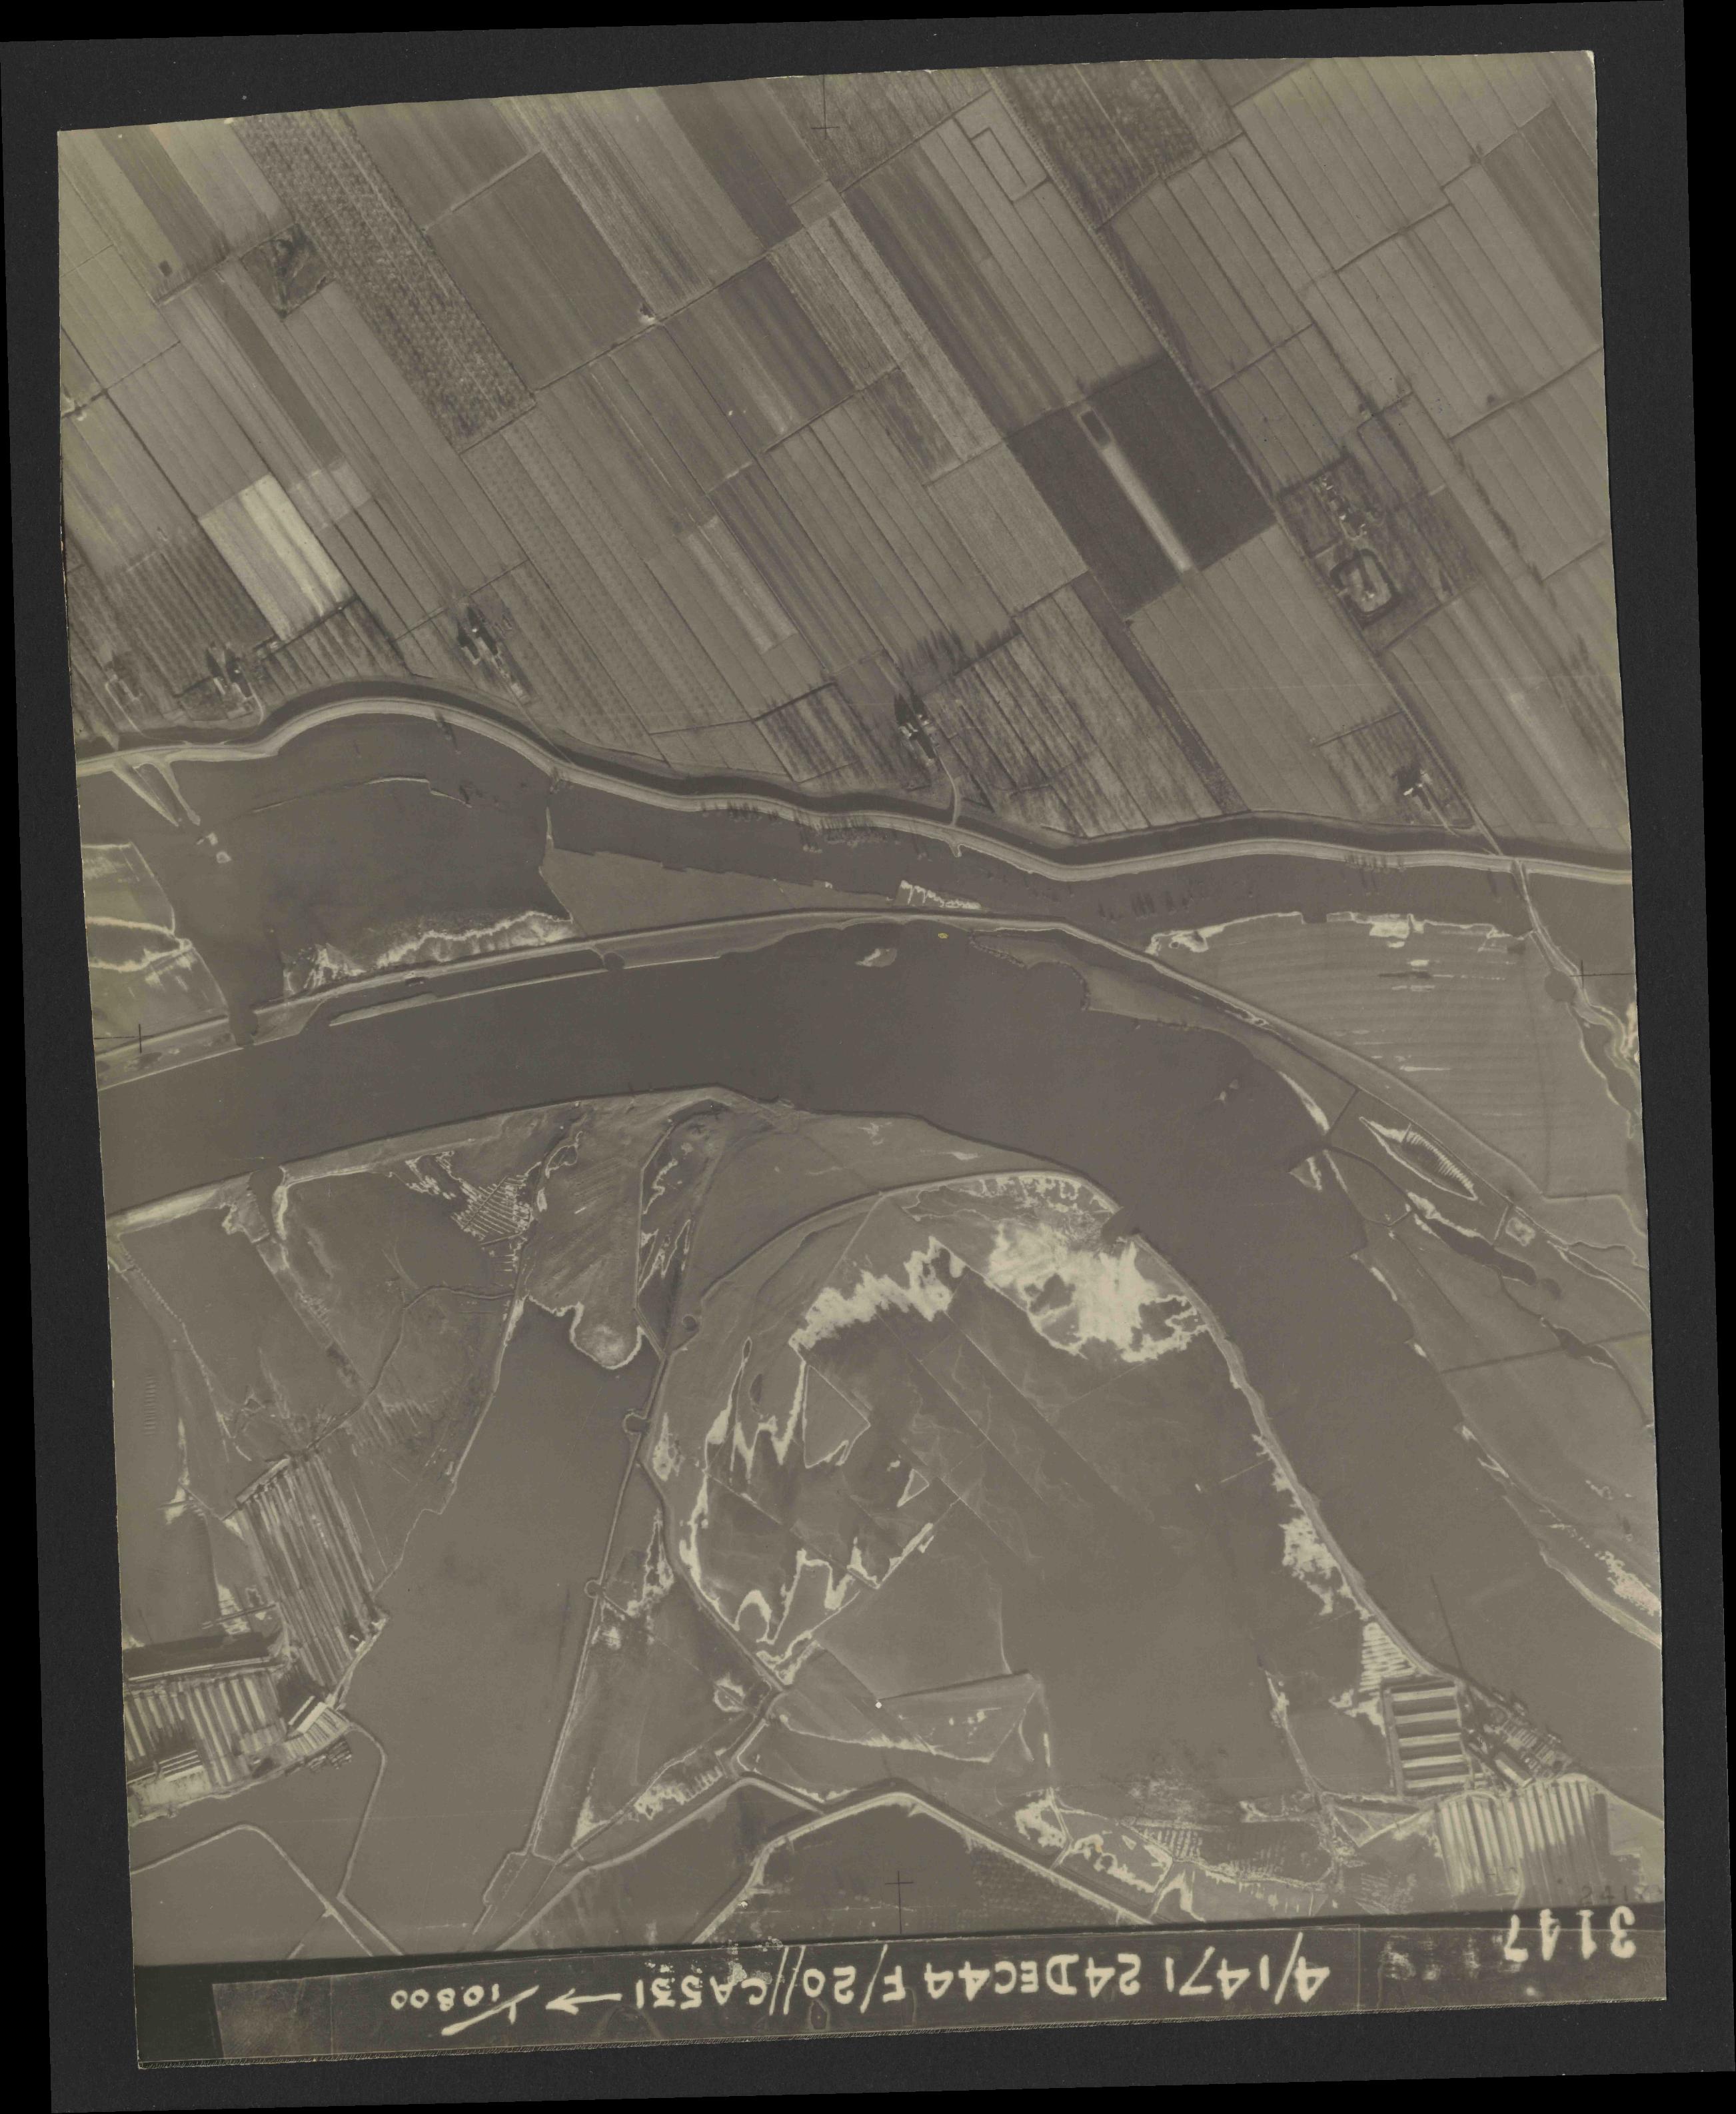 Collection RAF aerial photos 1940-1945 - flight 125, run 05, photo 3147